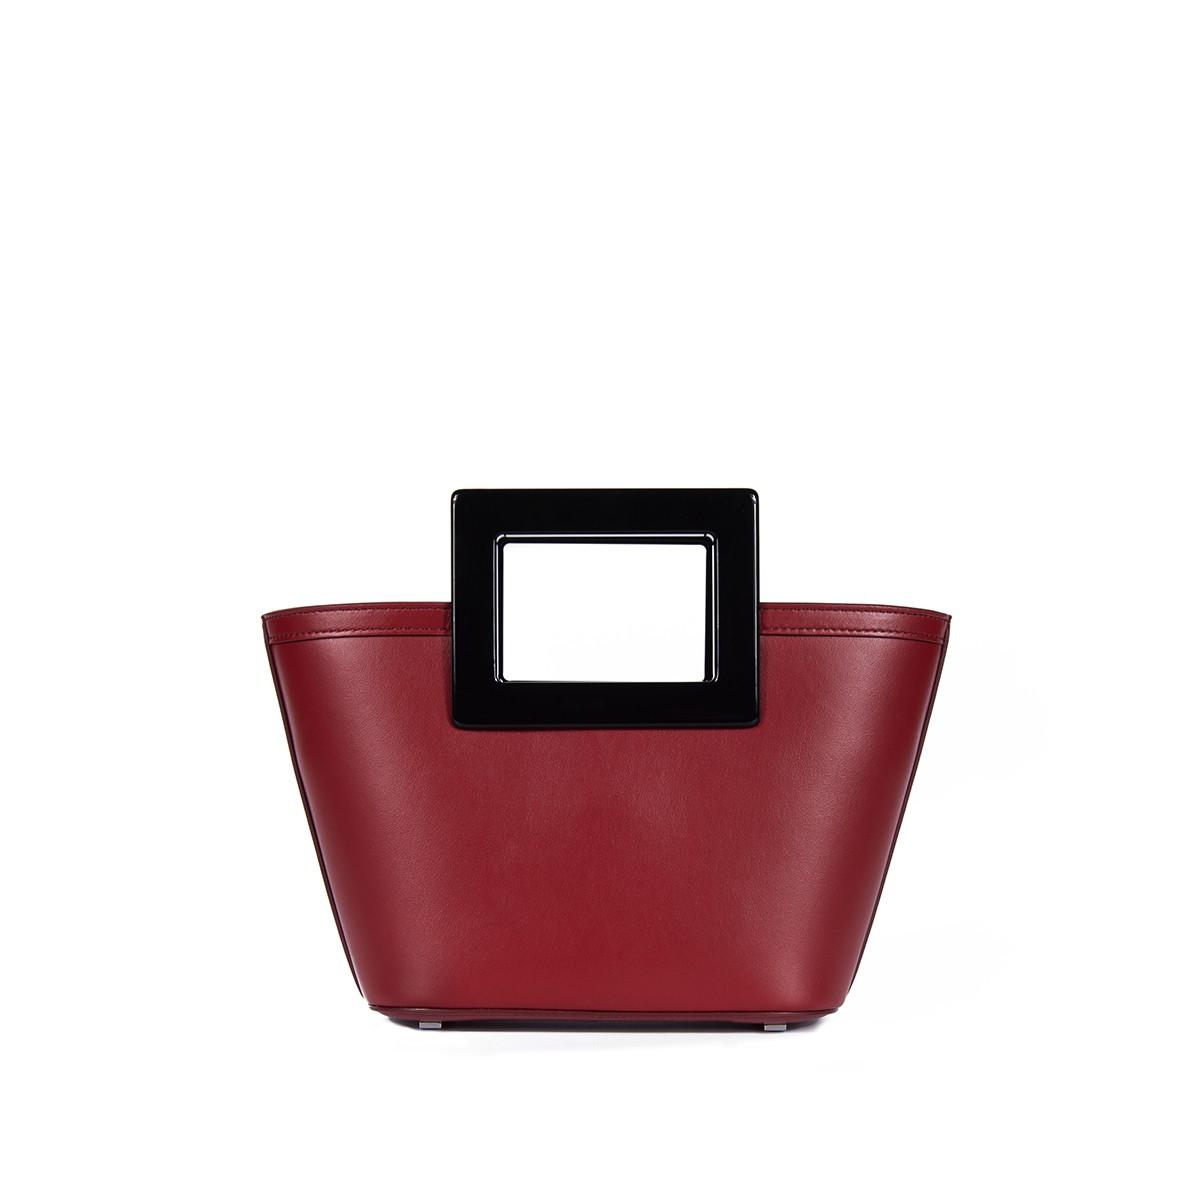 Micro Riviera in Crimson Napa1